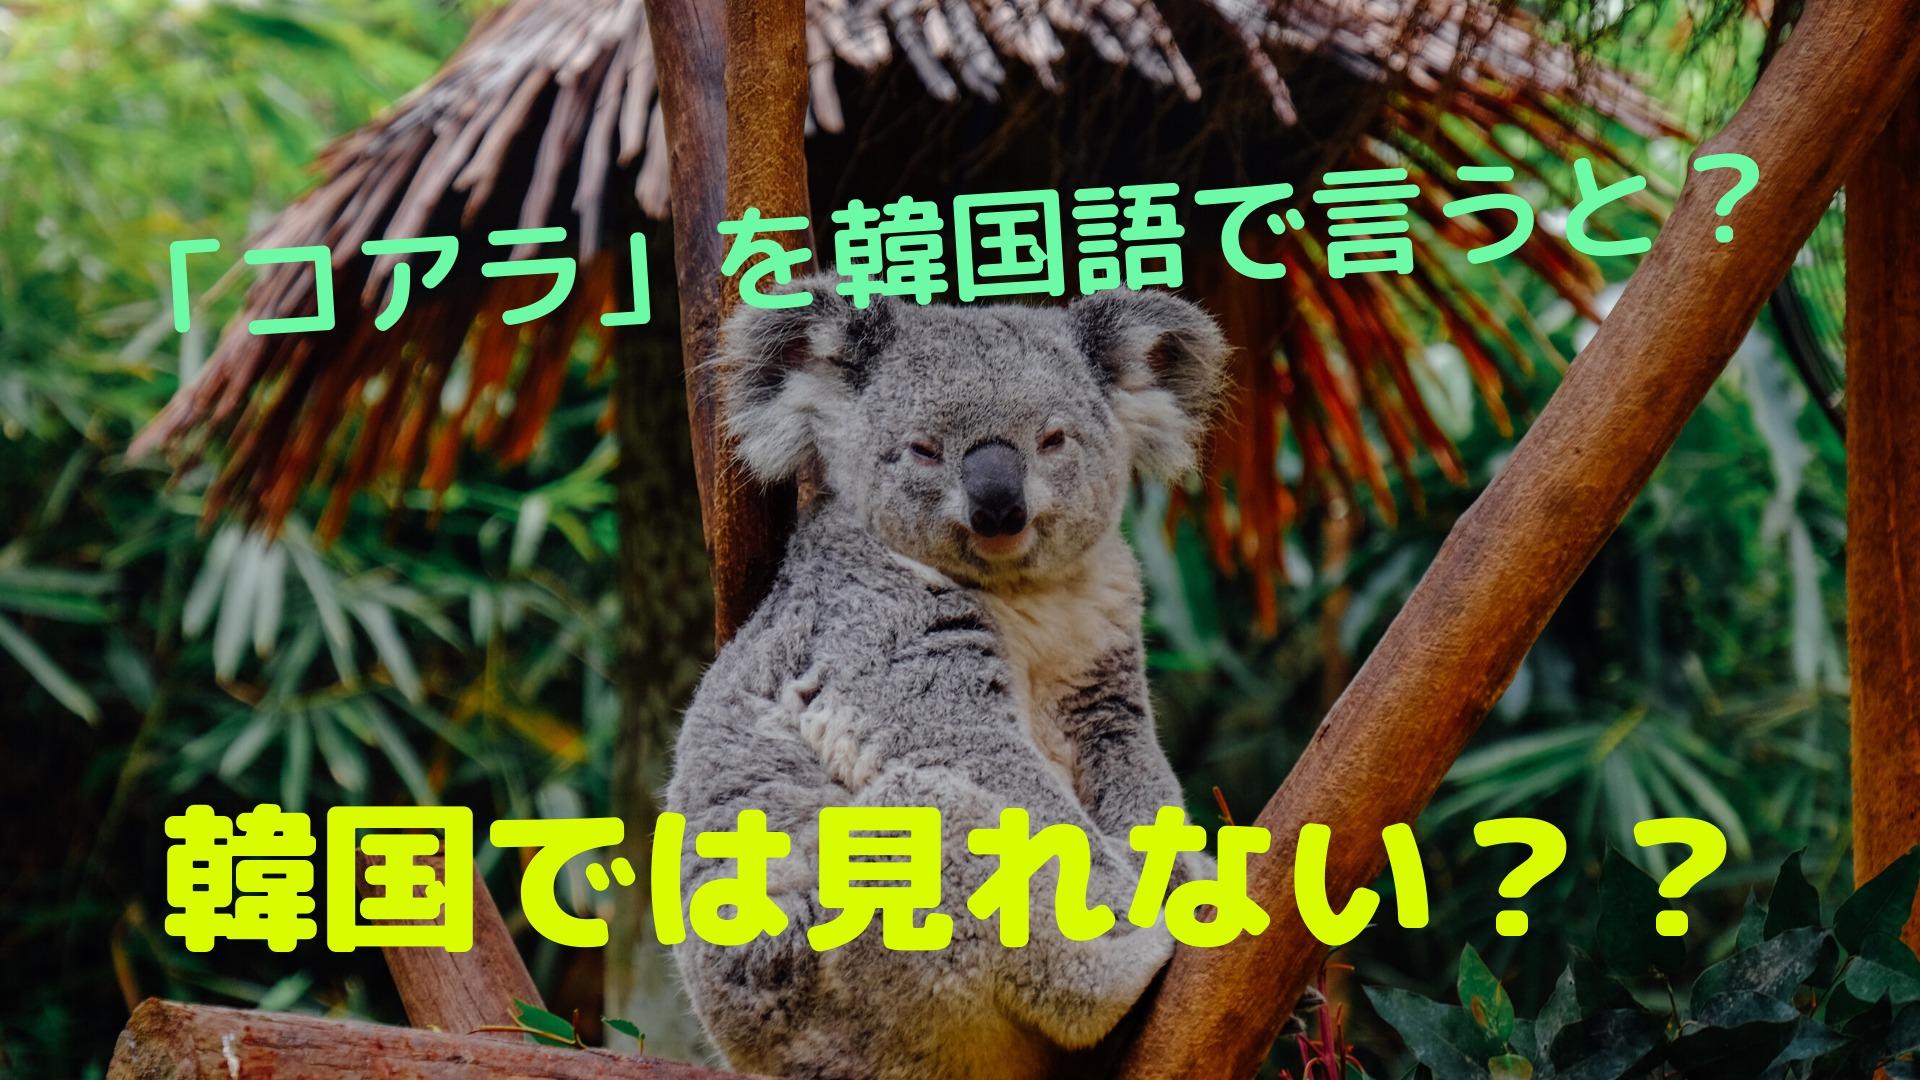 「コアラ」を韓国語で言うと?【韓国では見れないみたい】